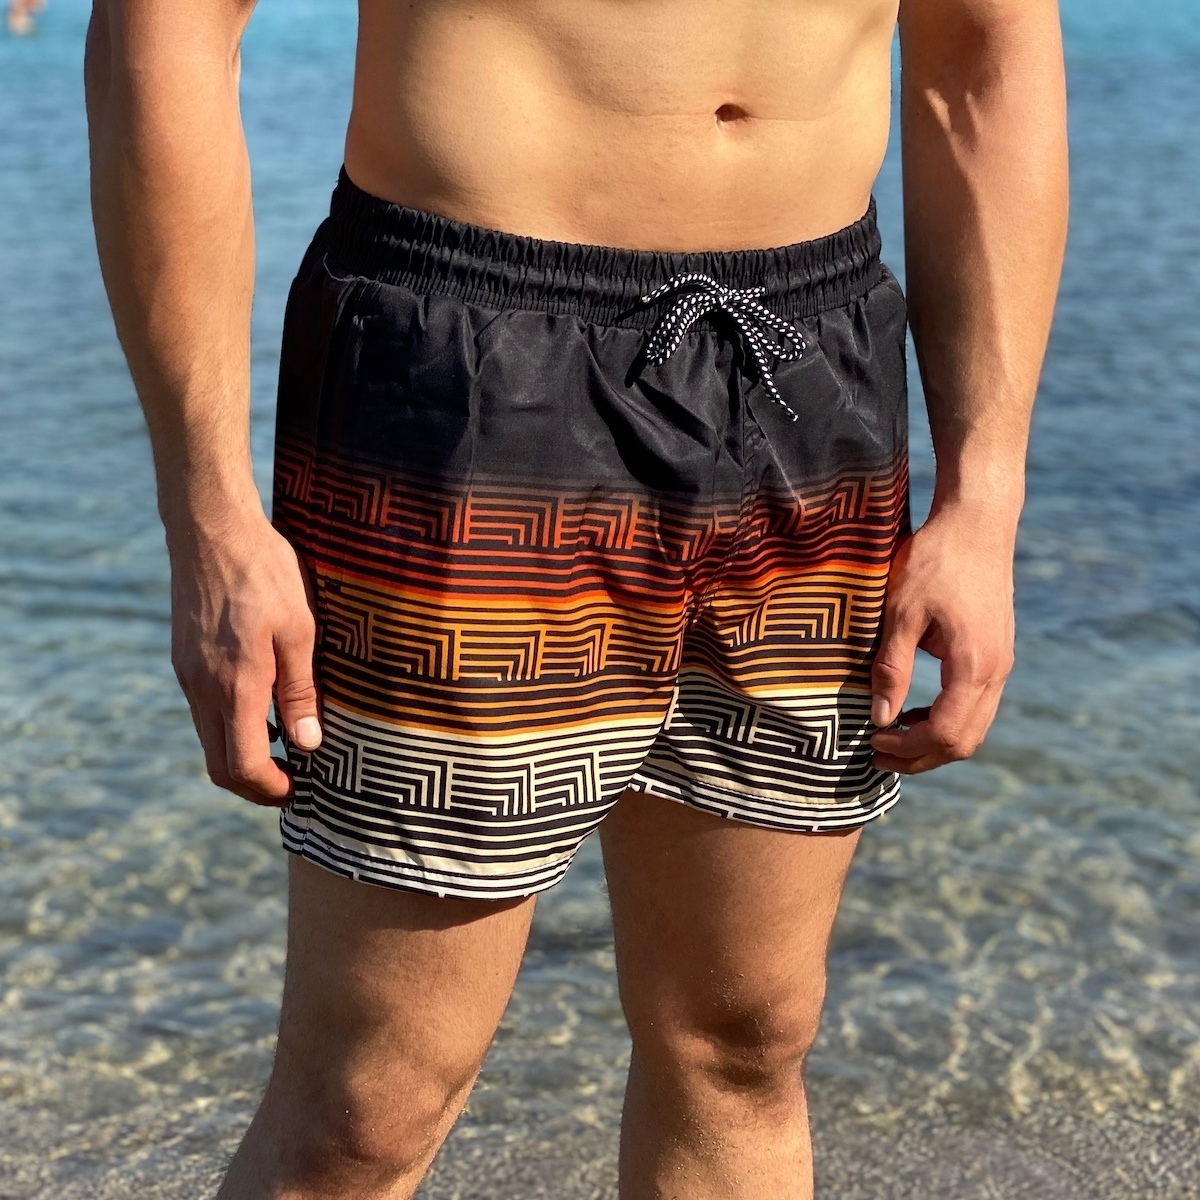 Erkek Geçen Renkler Çizgili Kısa Deniz Şortu